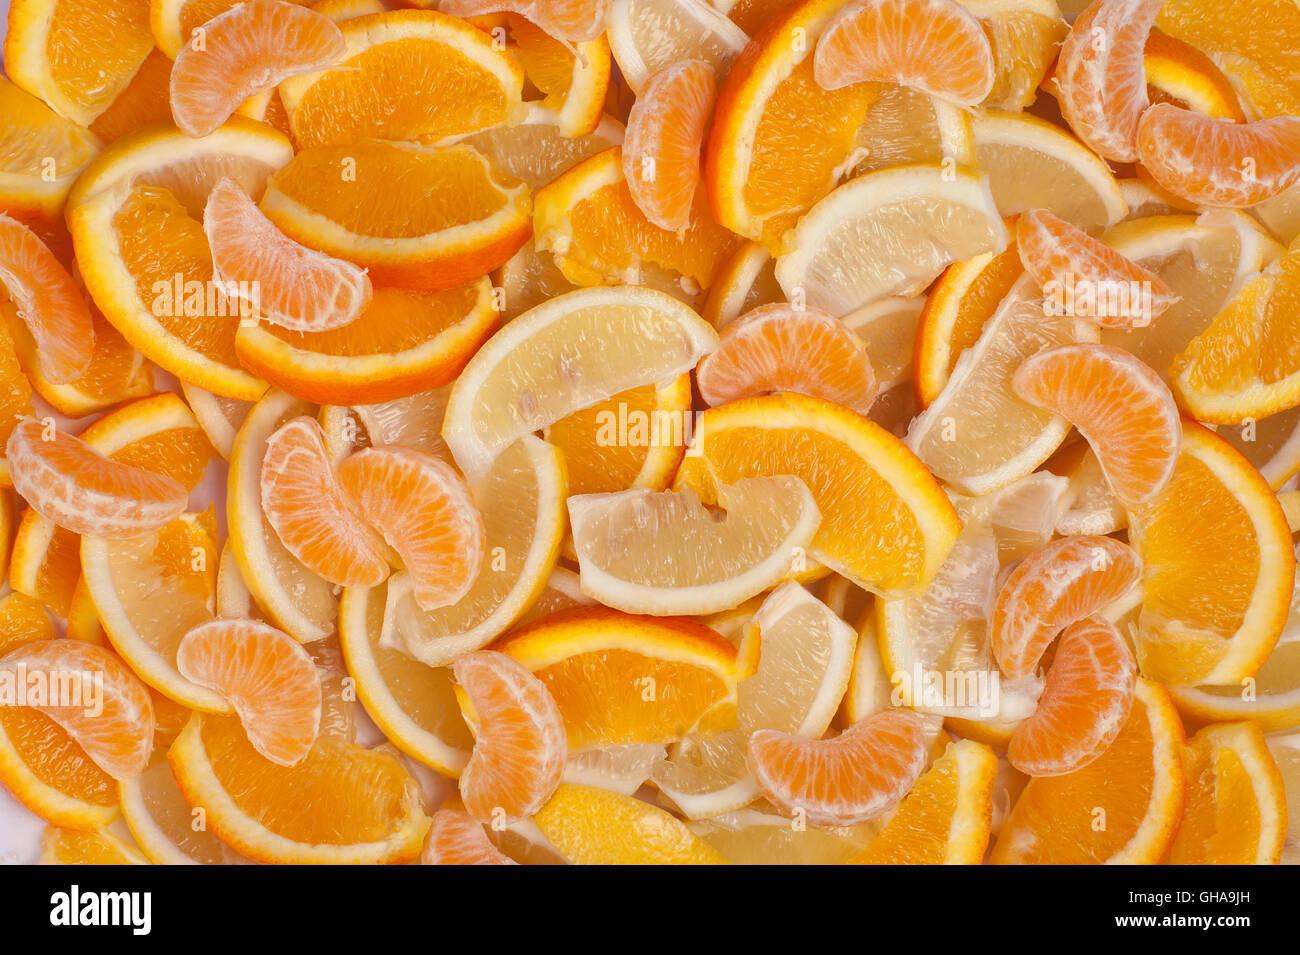 Gli sfondi di frutta - arancia e limone Mandarino Immagini Stock